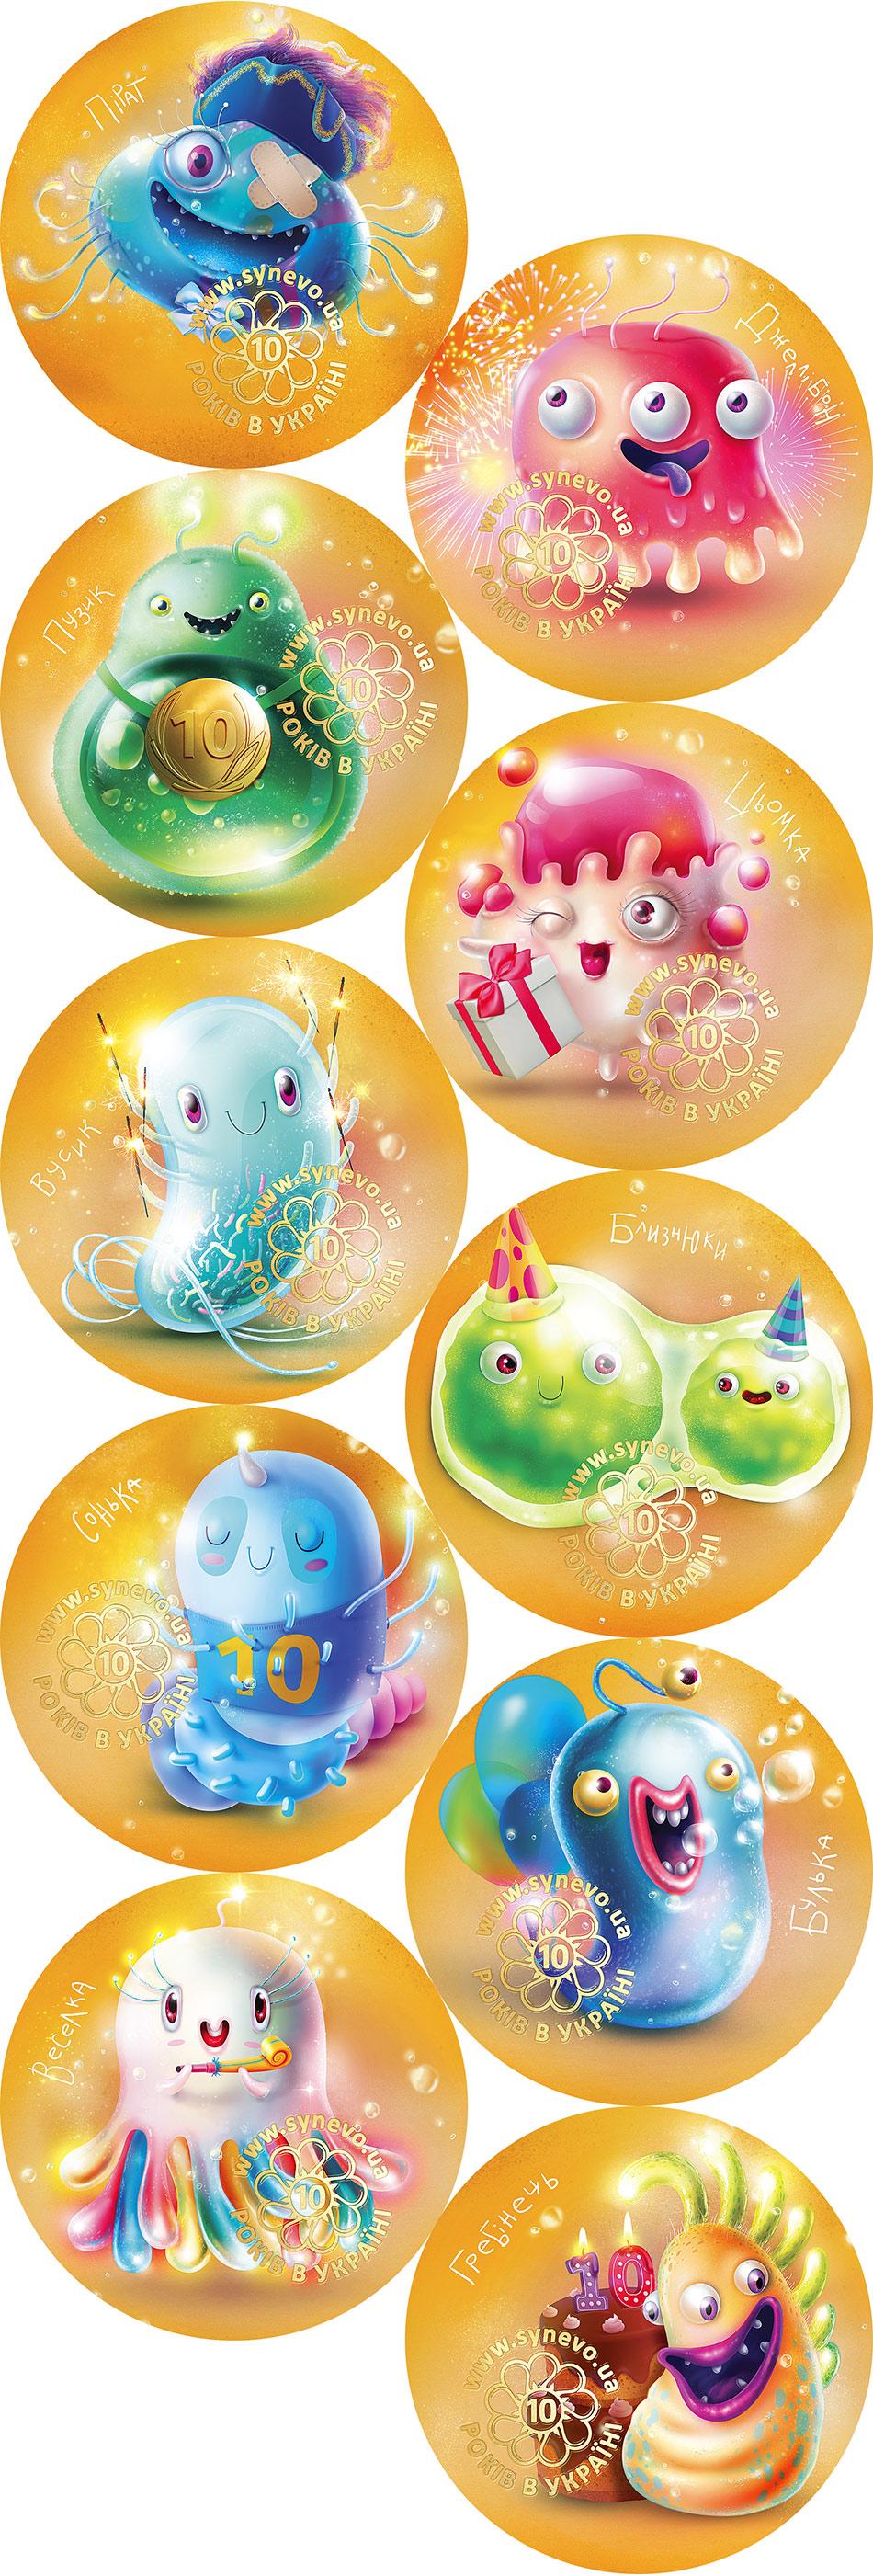 Праздничные иллюстрации микробов. Сувенирные магниты для детей от медицинской лаборатории «Синэво» в Украине.